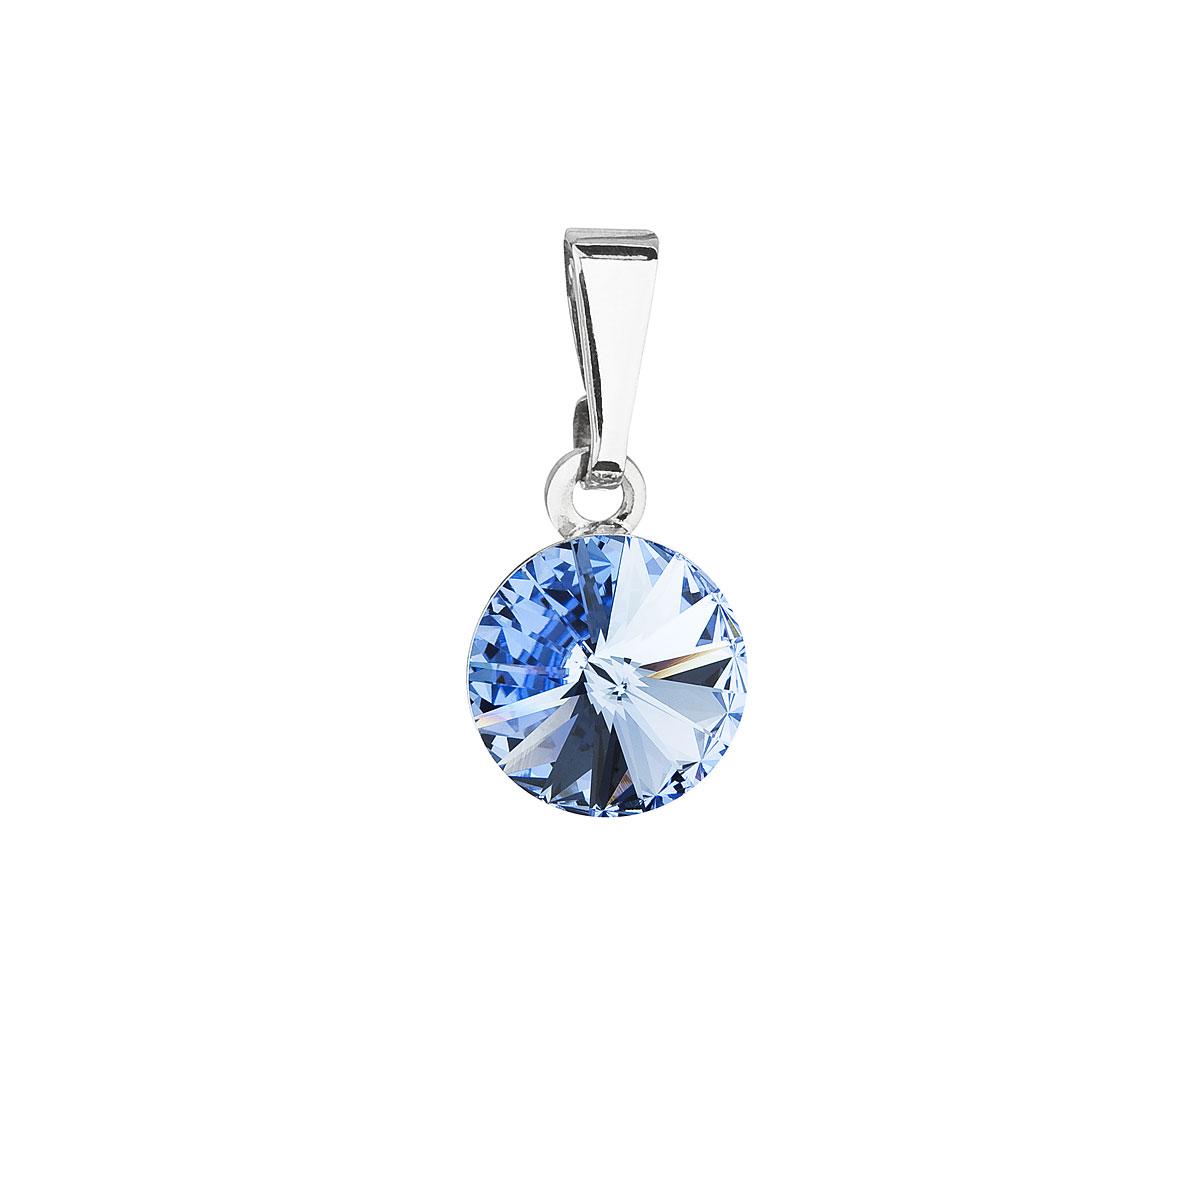 Evolution GrouEvolution Group Přívěsek se Swarovski krystaly modrý kulatý 54018.3 sapphire